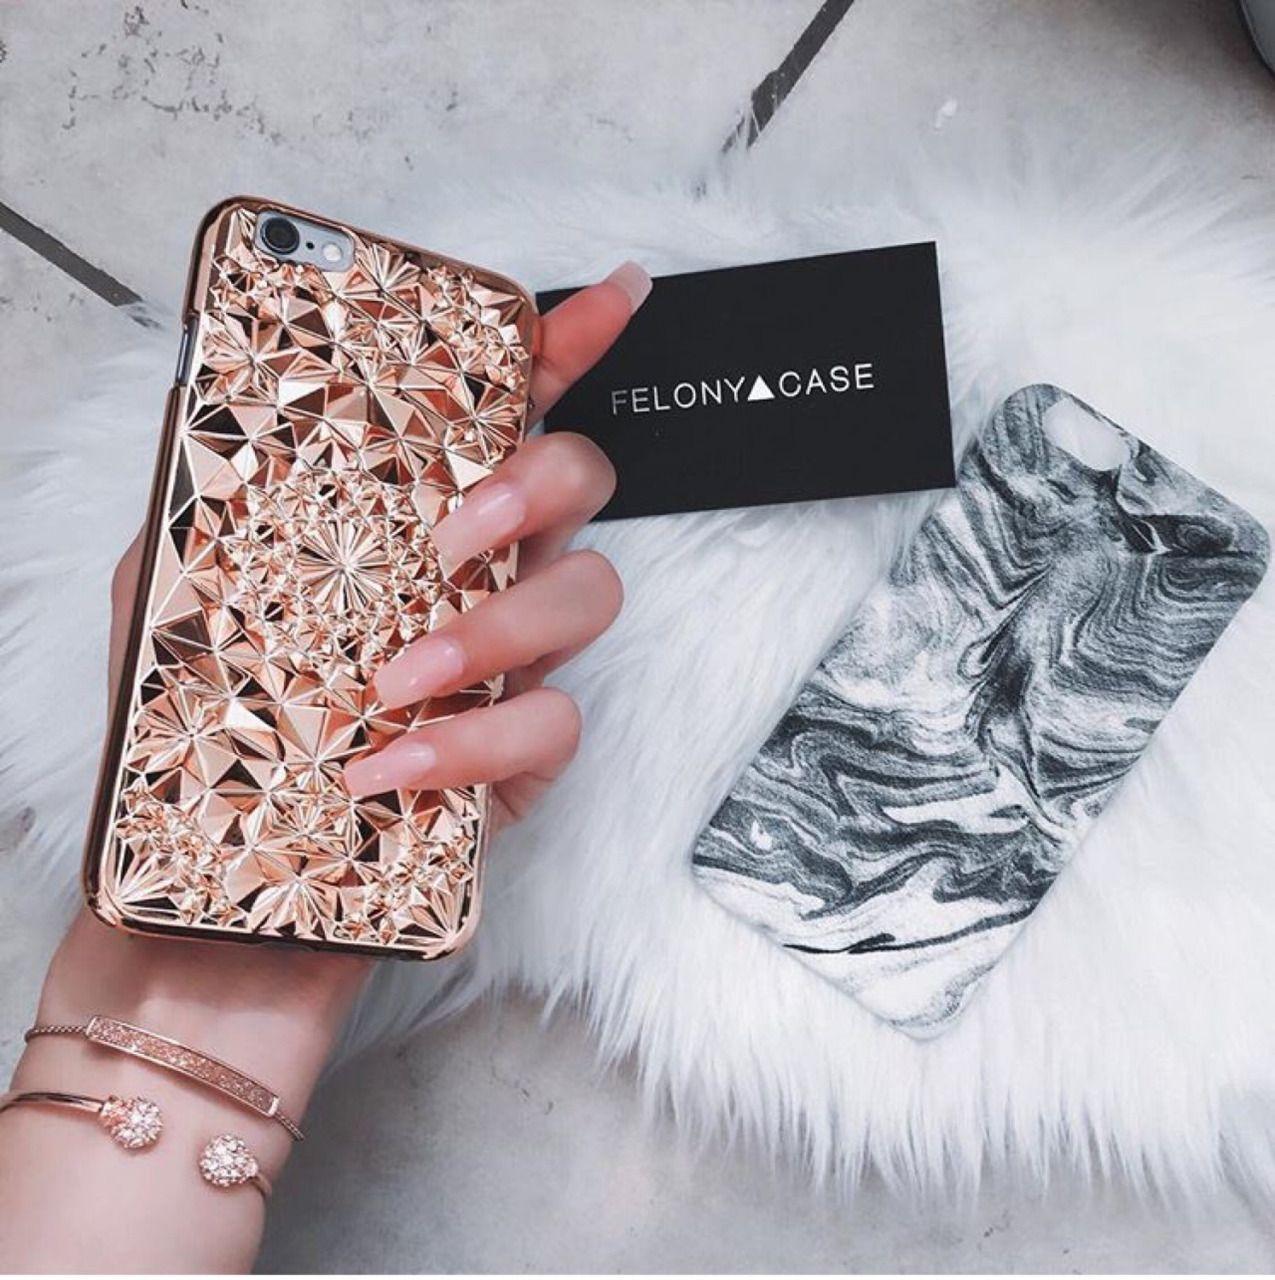 Decouvrez Et Partagez Les Plus Belles Images Au Monde Phone Cases Iphone Cases Case